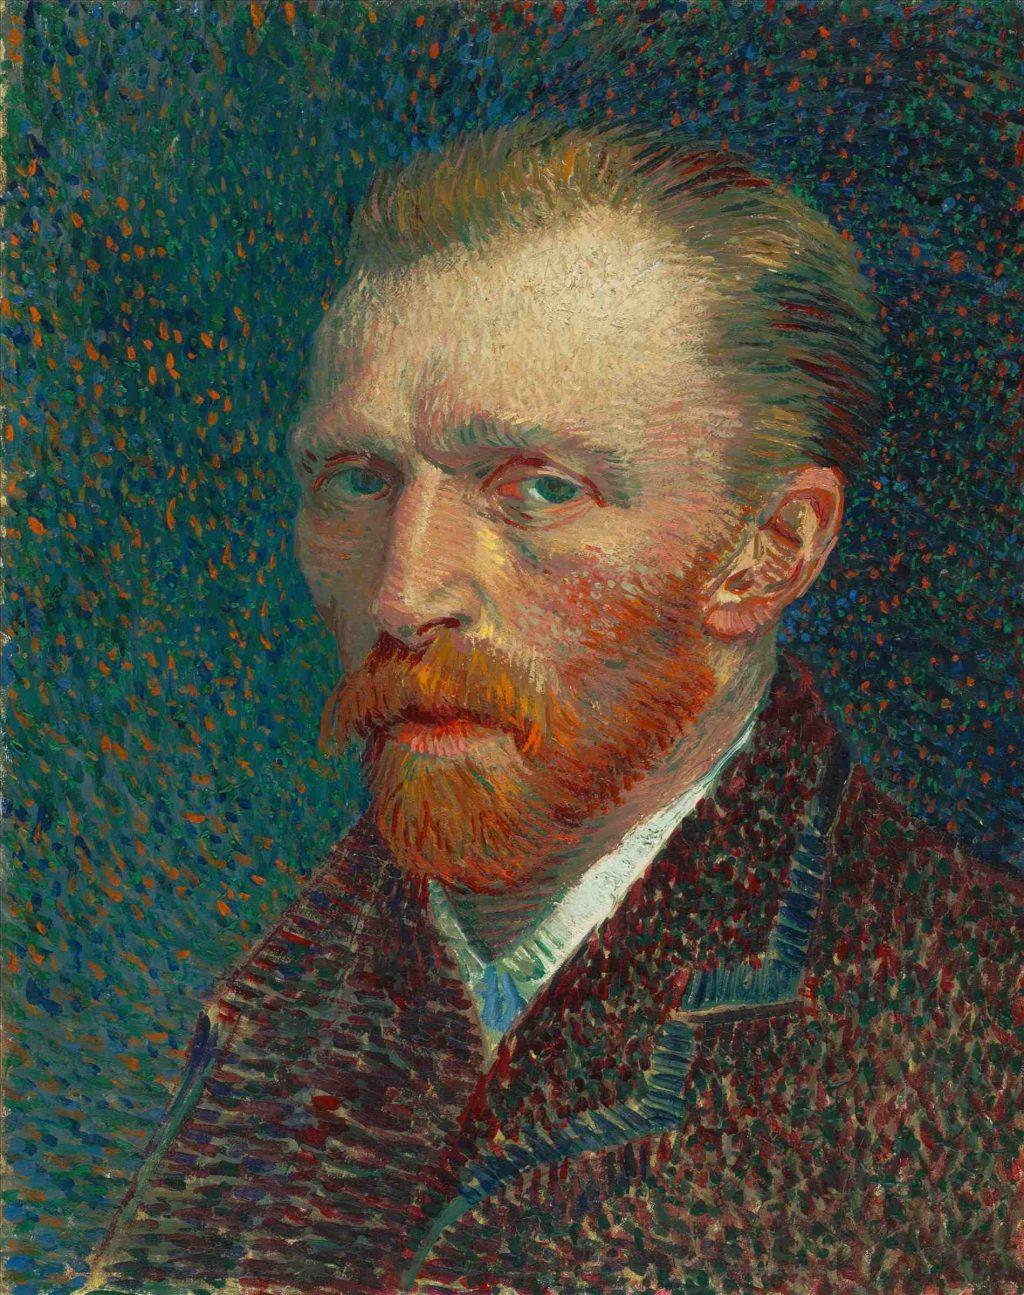 elle việt nam danh họa Van Gogh 1